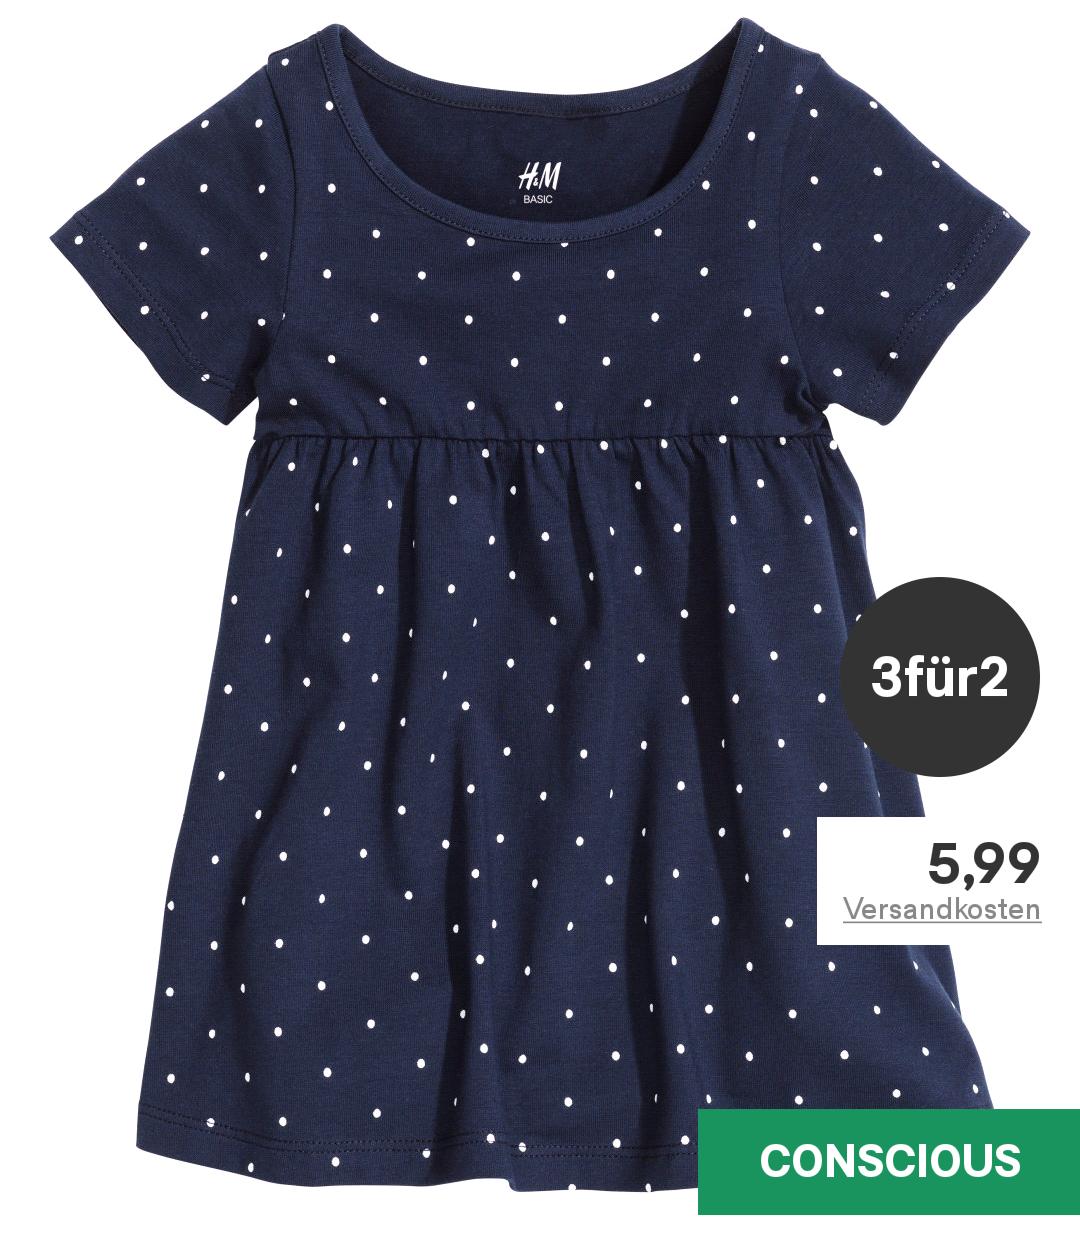 Momslife Baby Fashion Haul  Oder Wie Eine Mutter Bei Hm